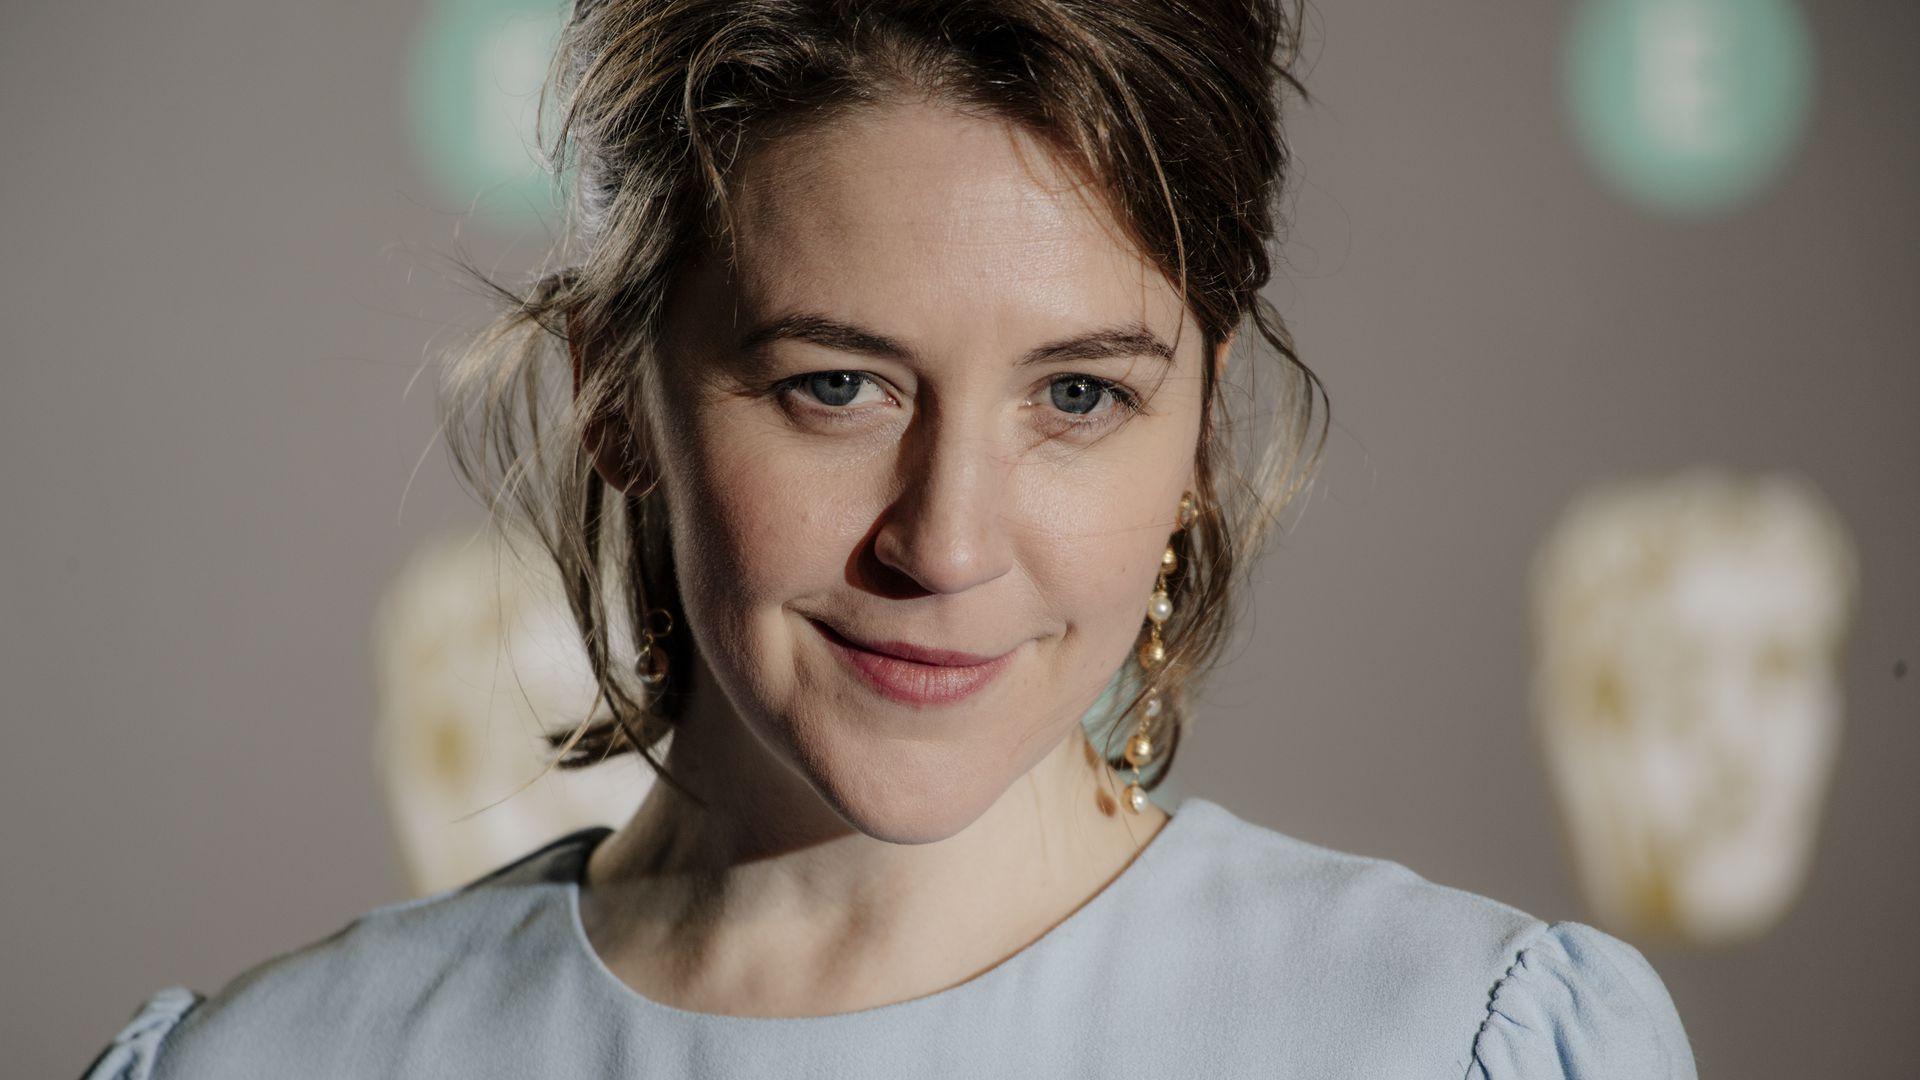 Asha Graufreud Darstellerin